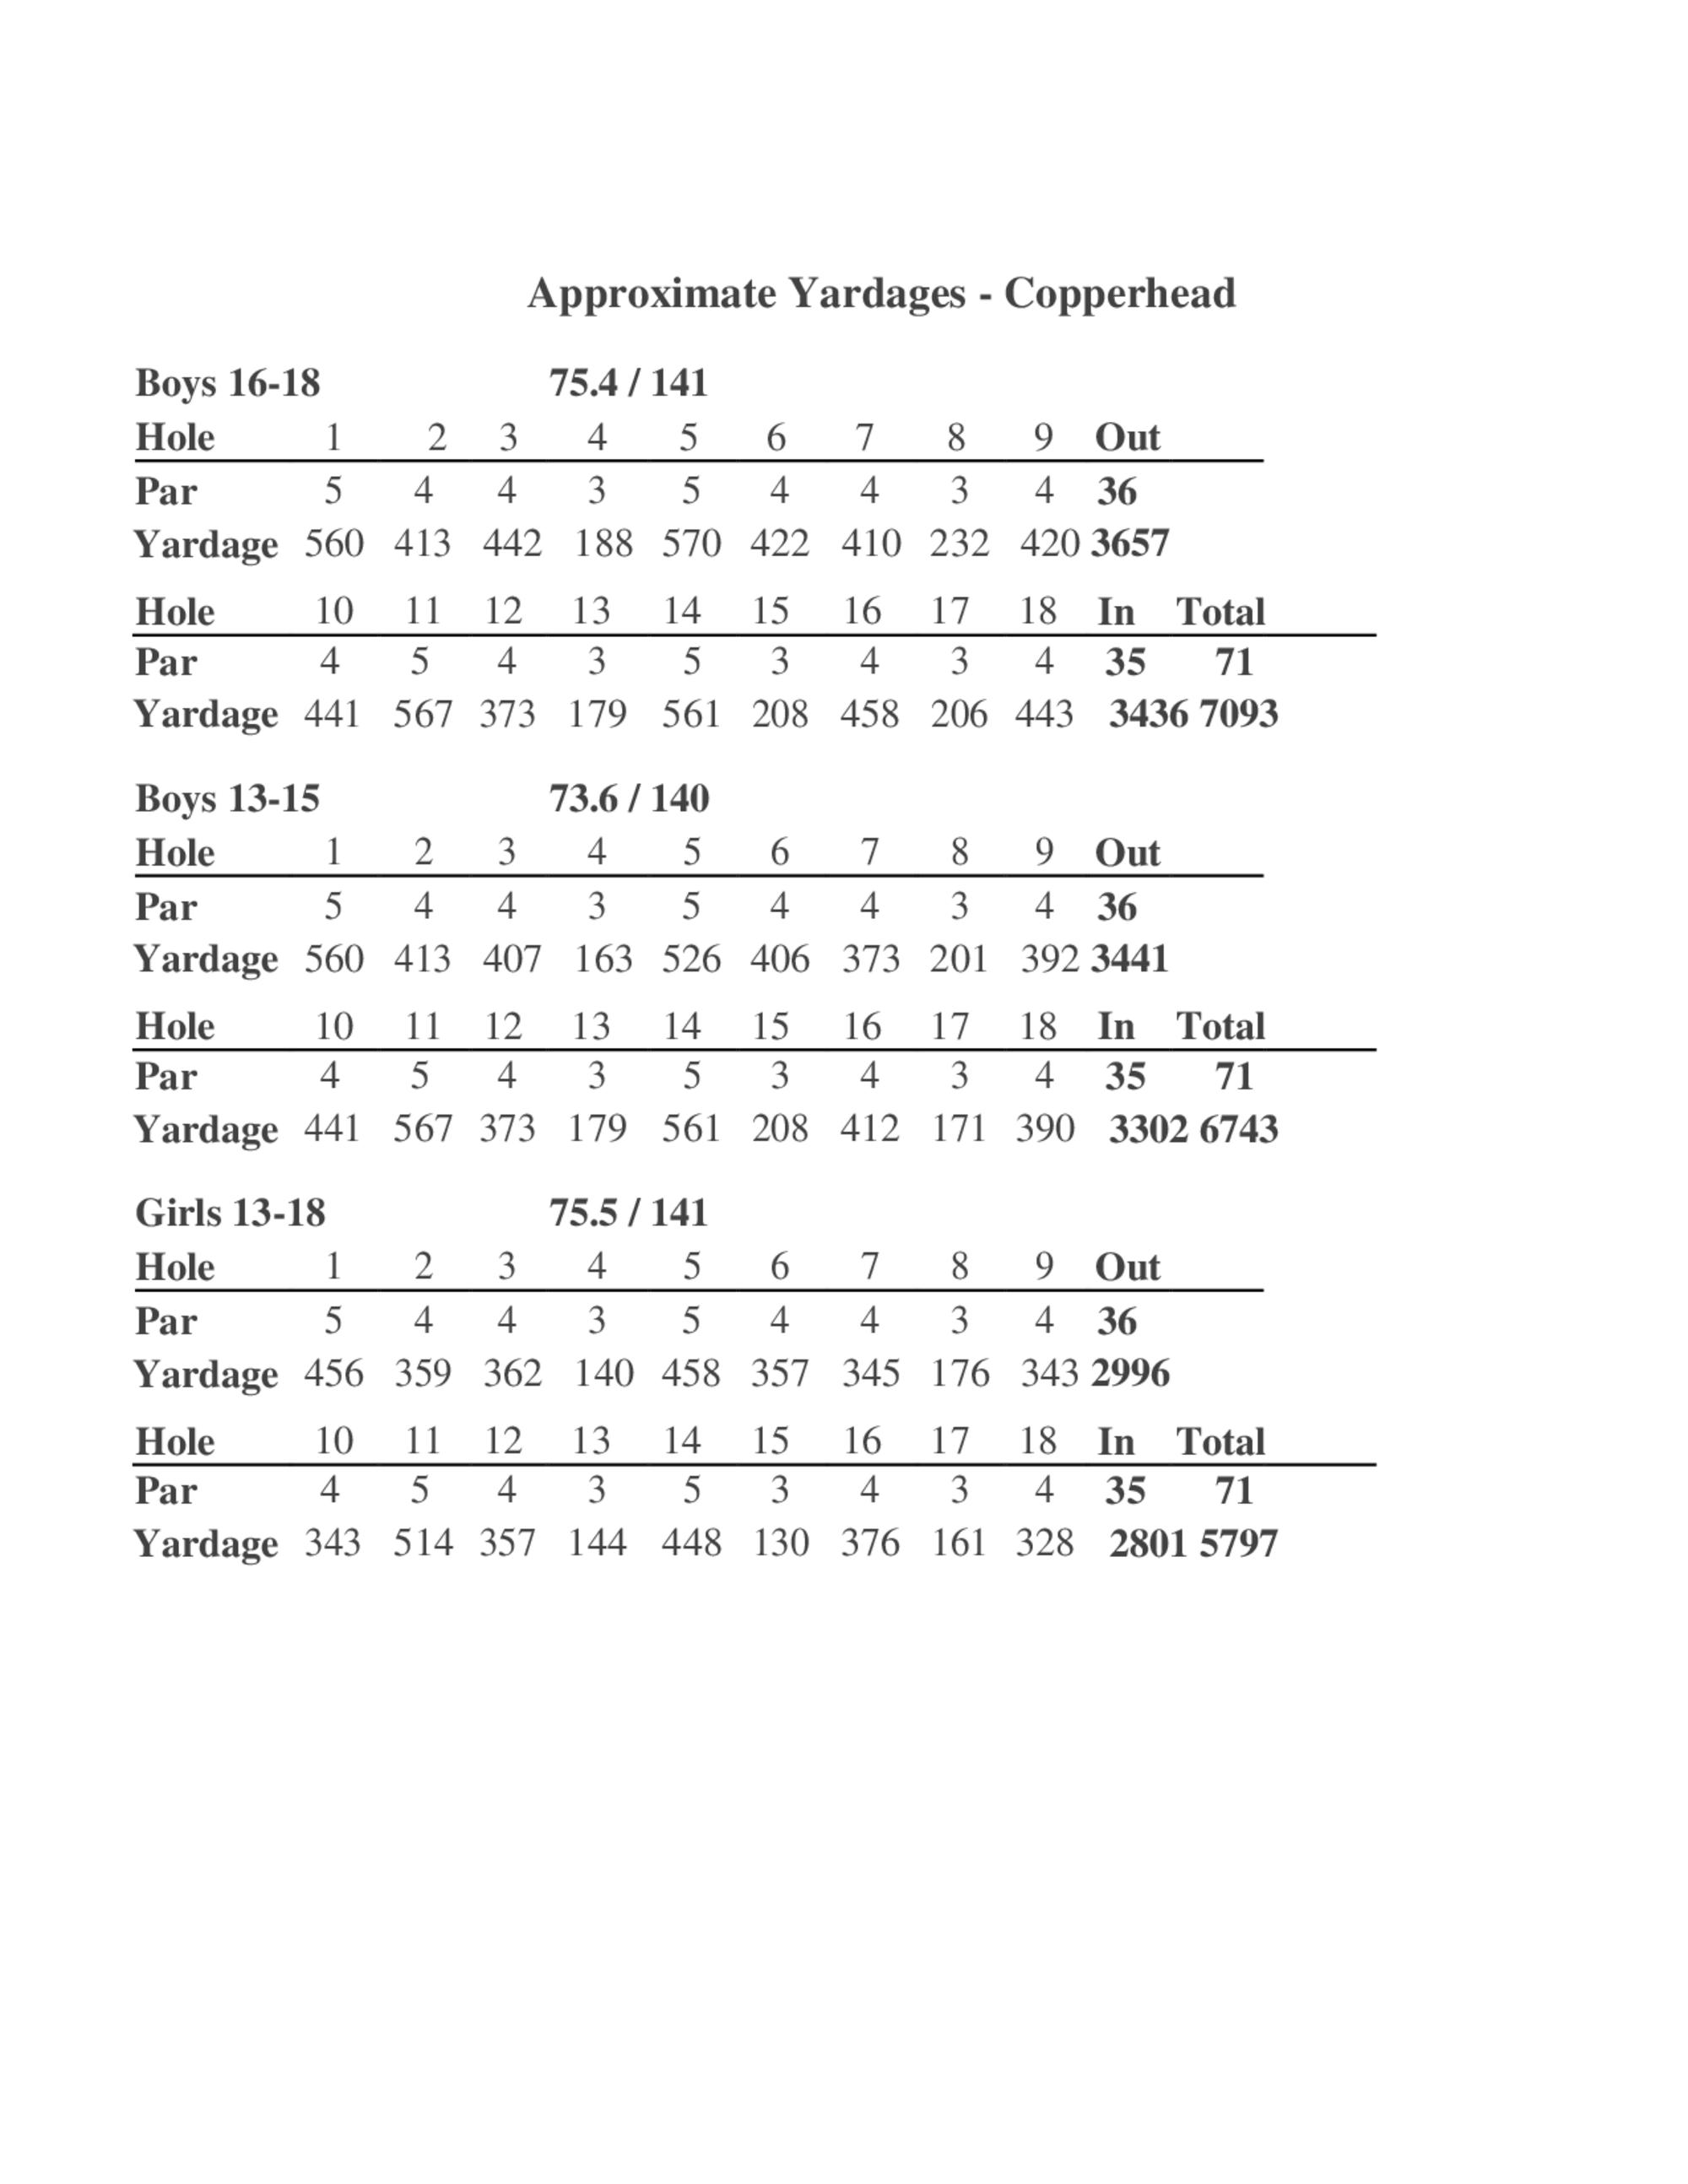 Approximate yardages 1